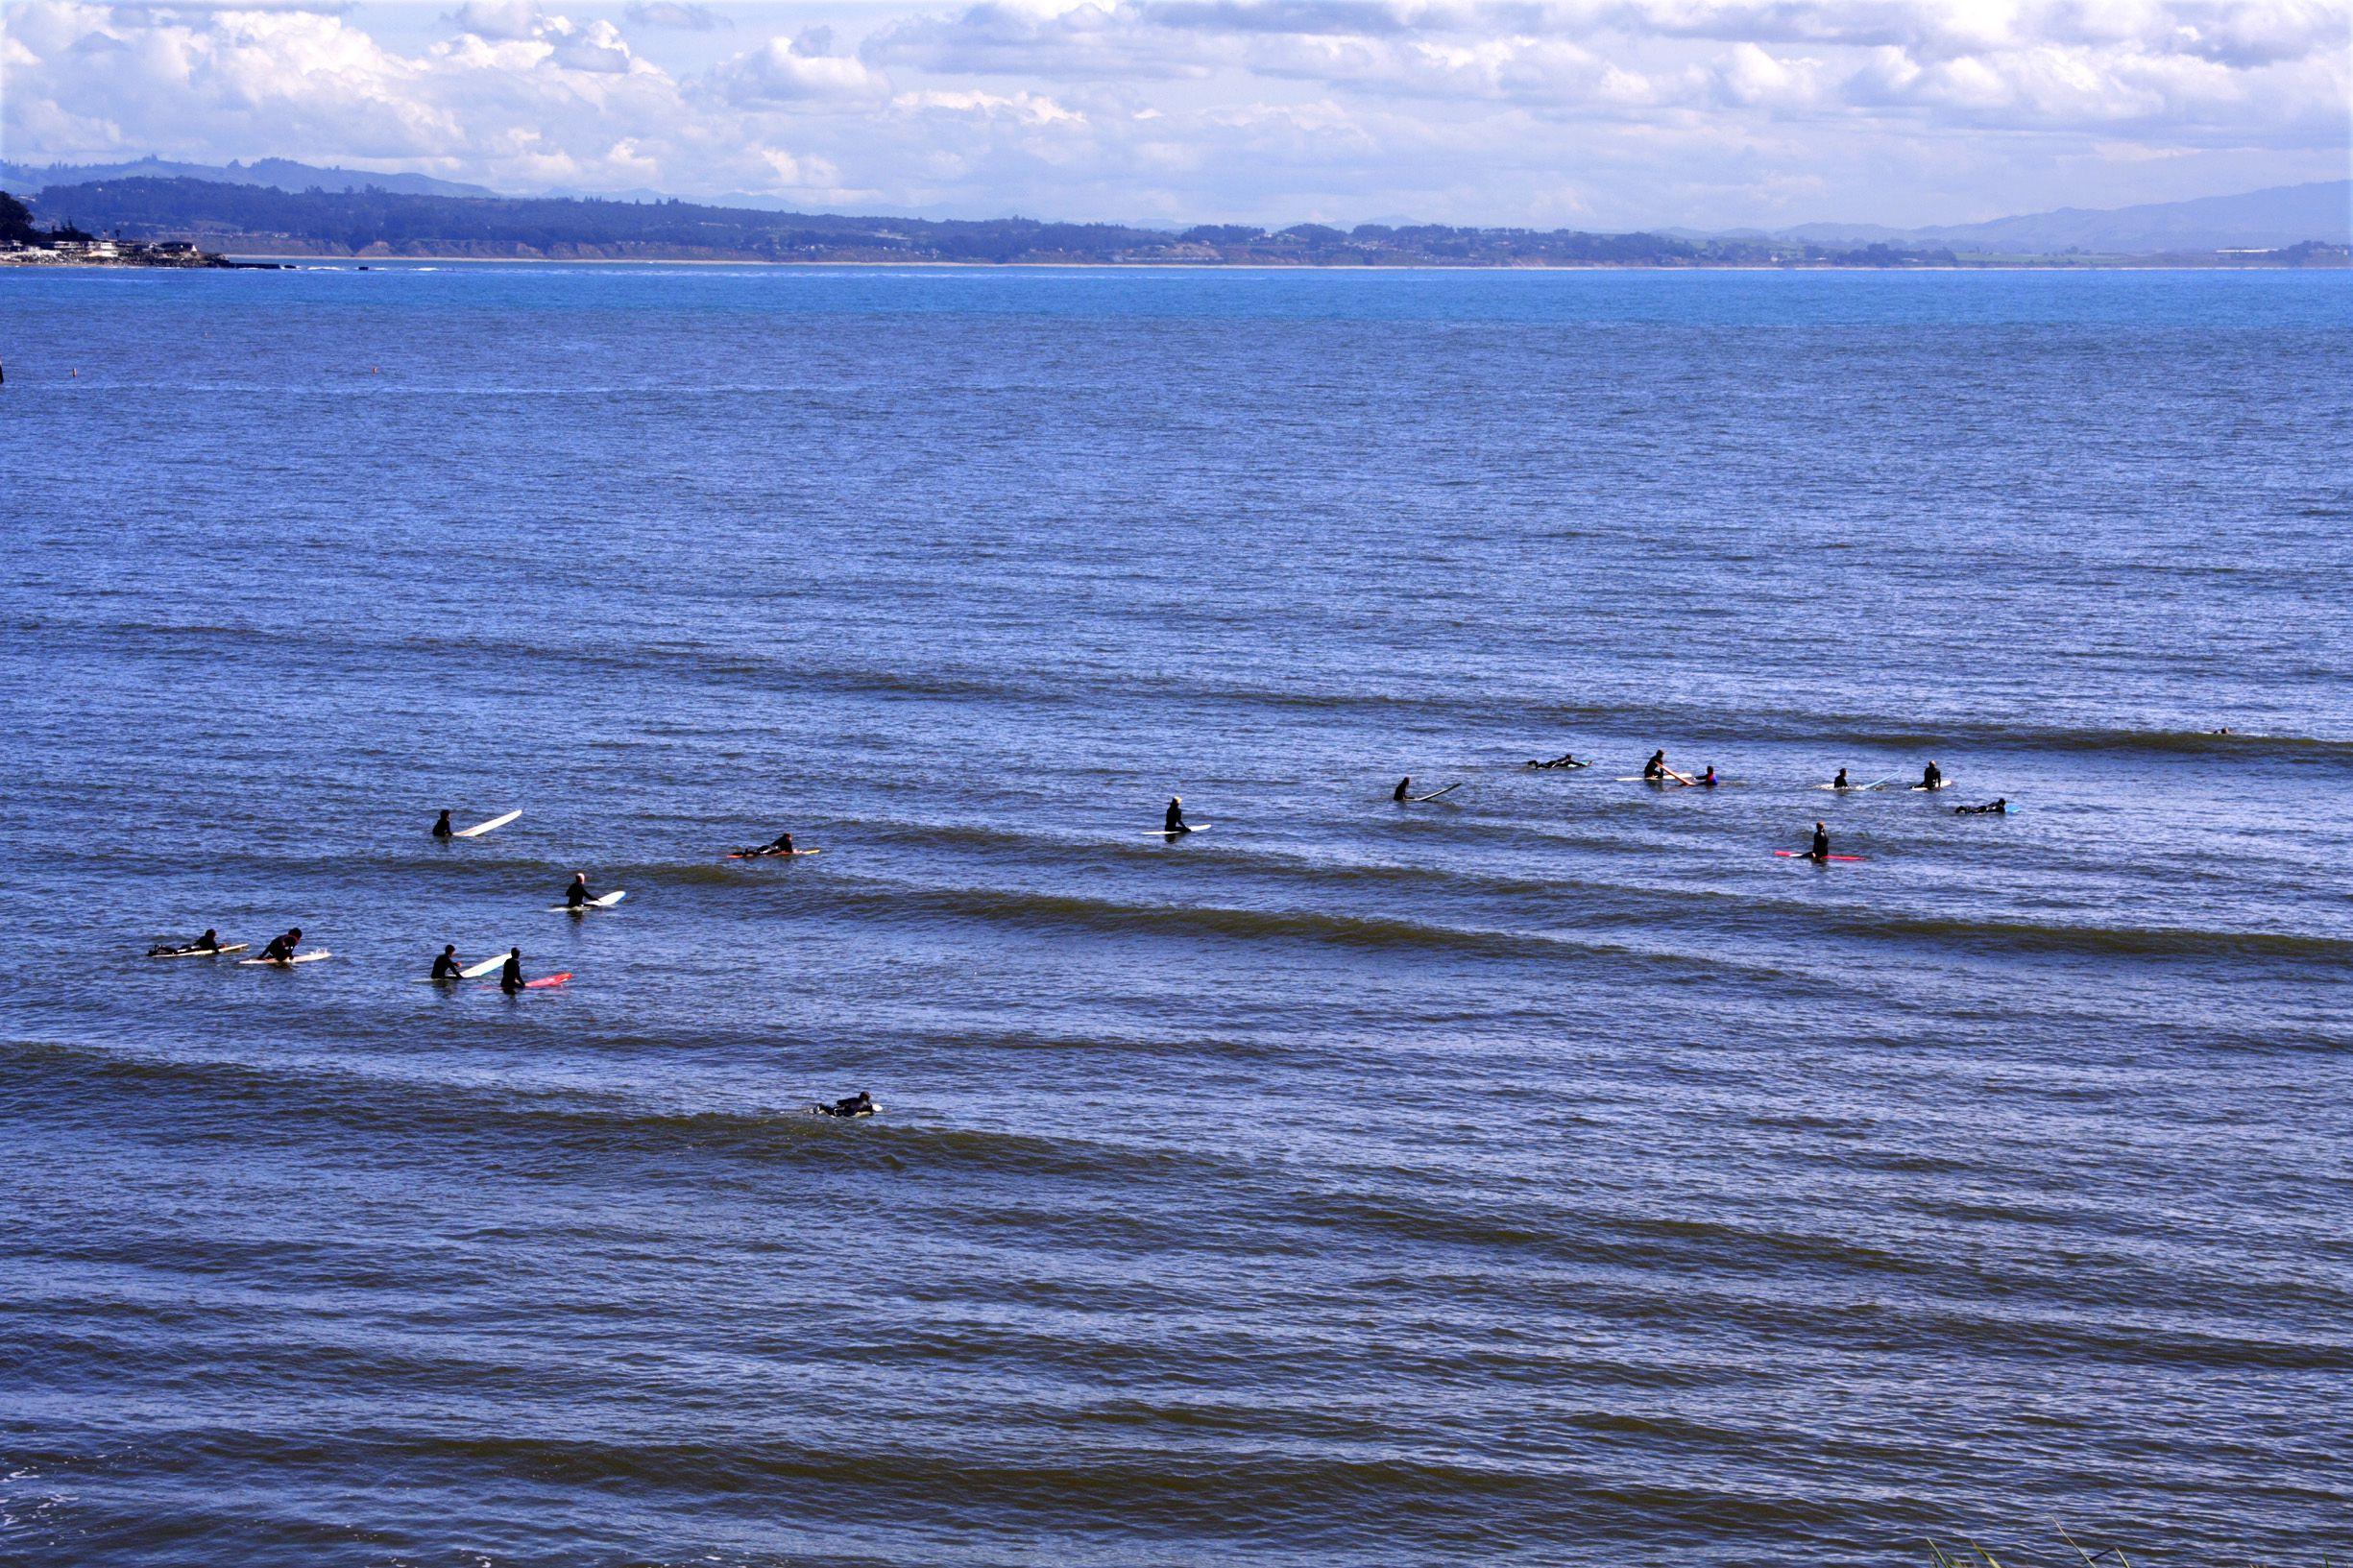 Surfers in Santa Cruz, Calif.